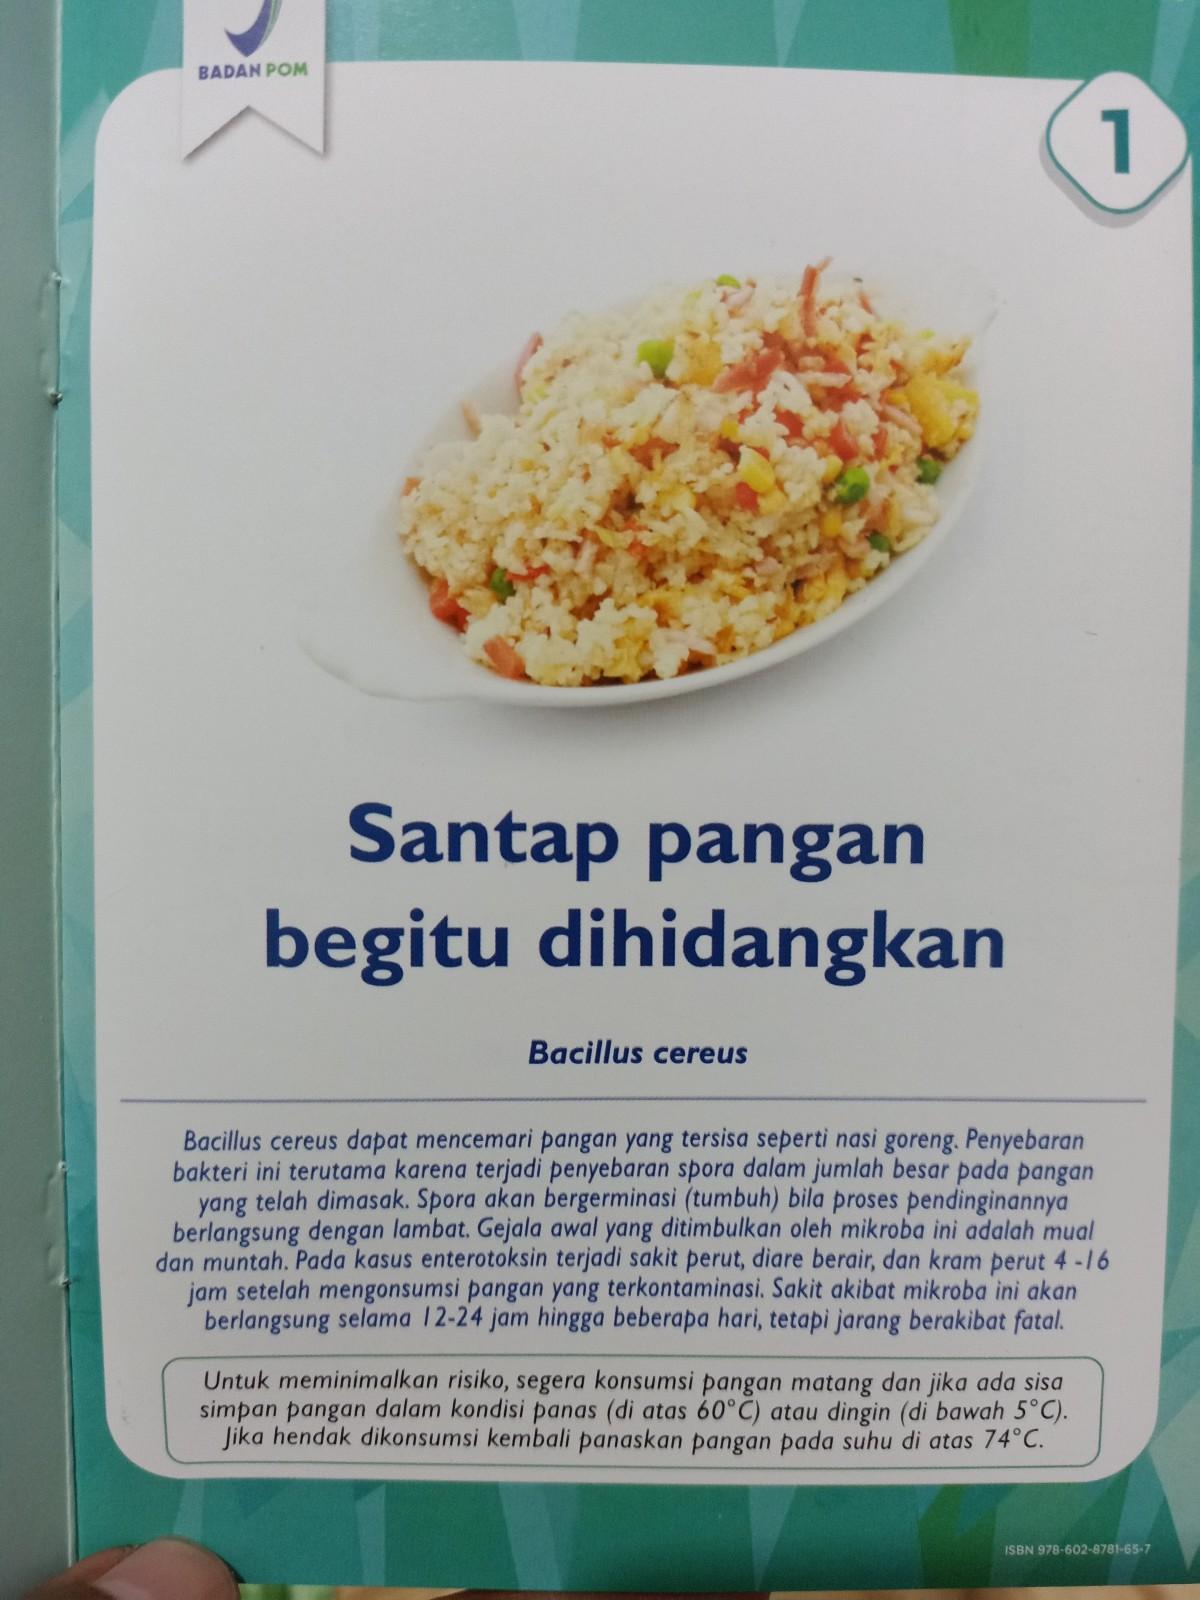 Makanan yang aman dan bermutu